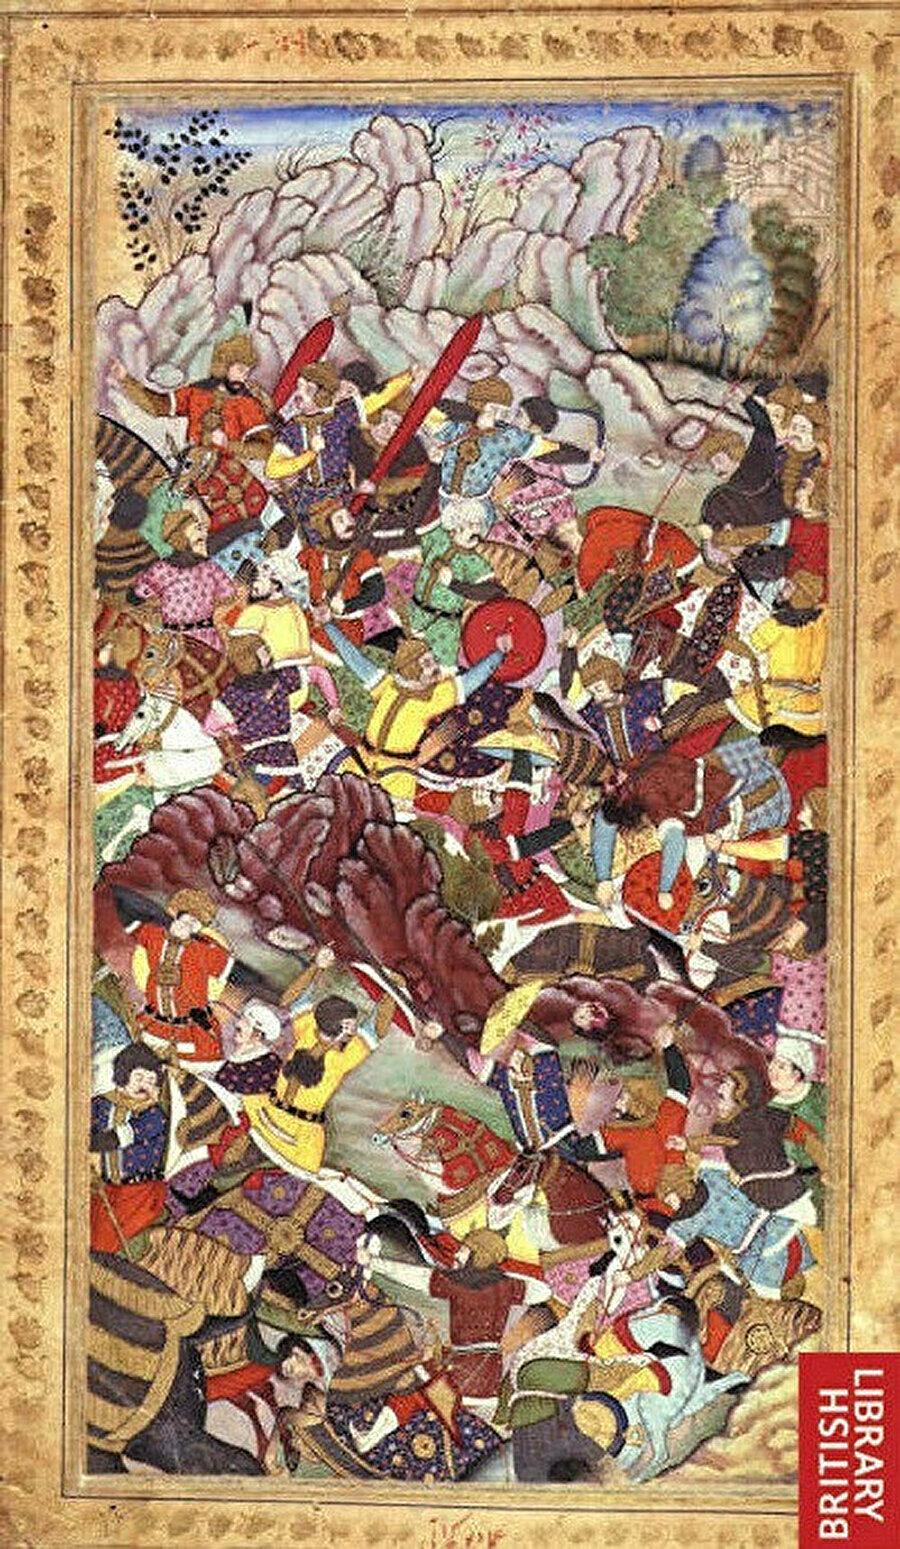 I. Panipat Savaşı'nda Babür Şah ve Lodi Hanedanından İbrahim Lodi arasında geçen mücadele.